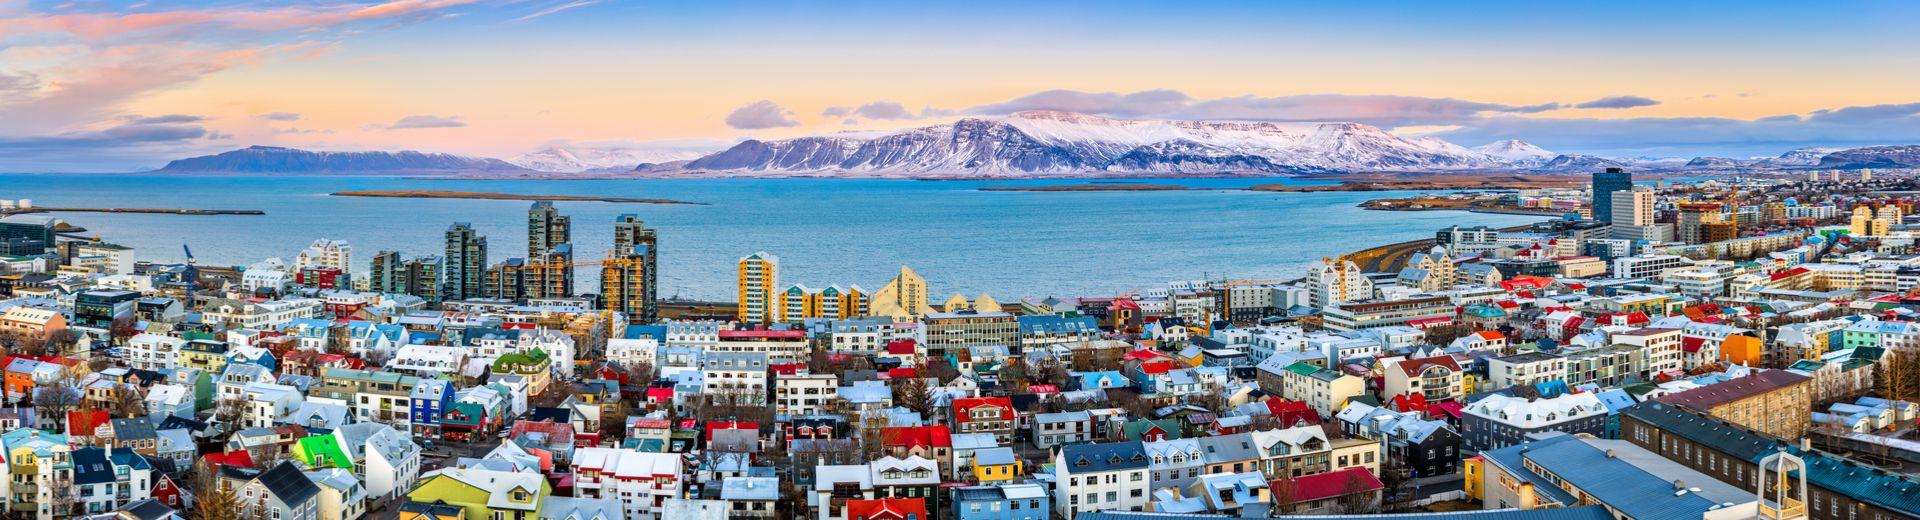 AIDAbella: Kreuzfahrt zu den nordischen Inseln mit Island